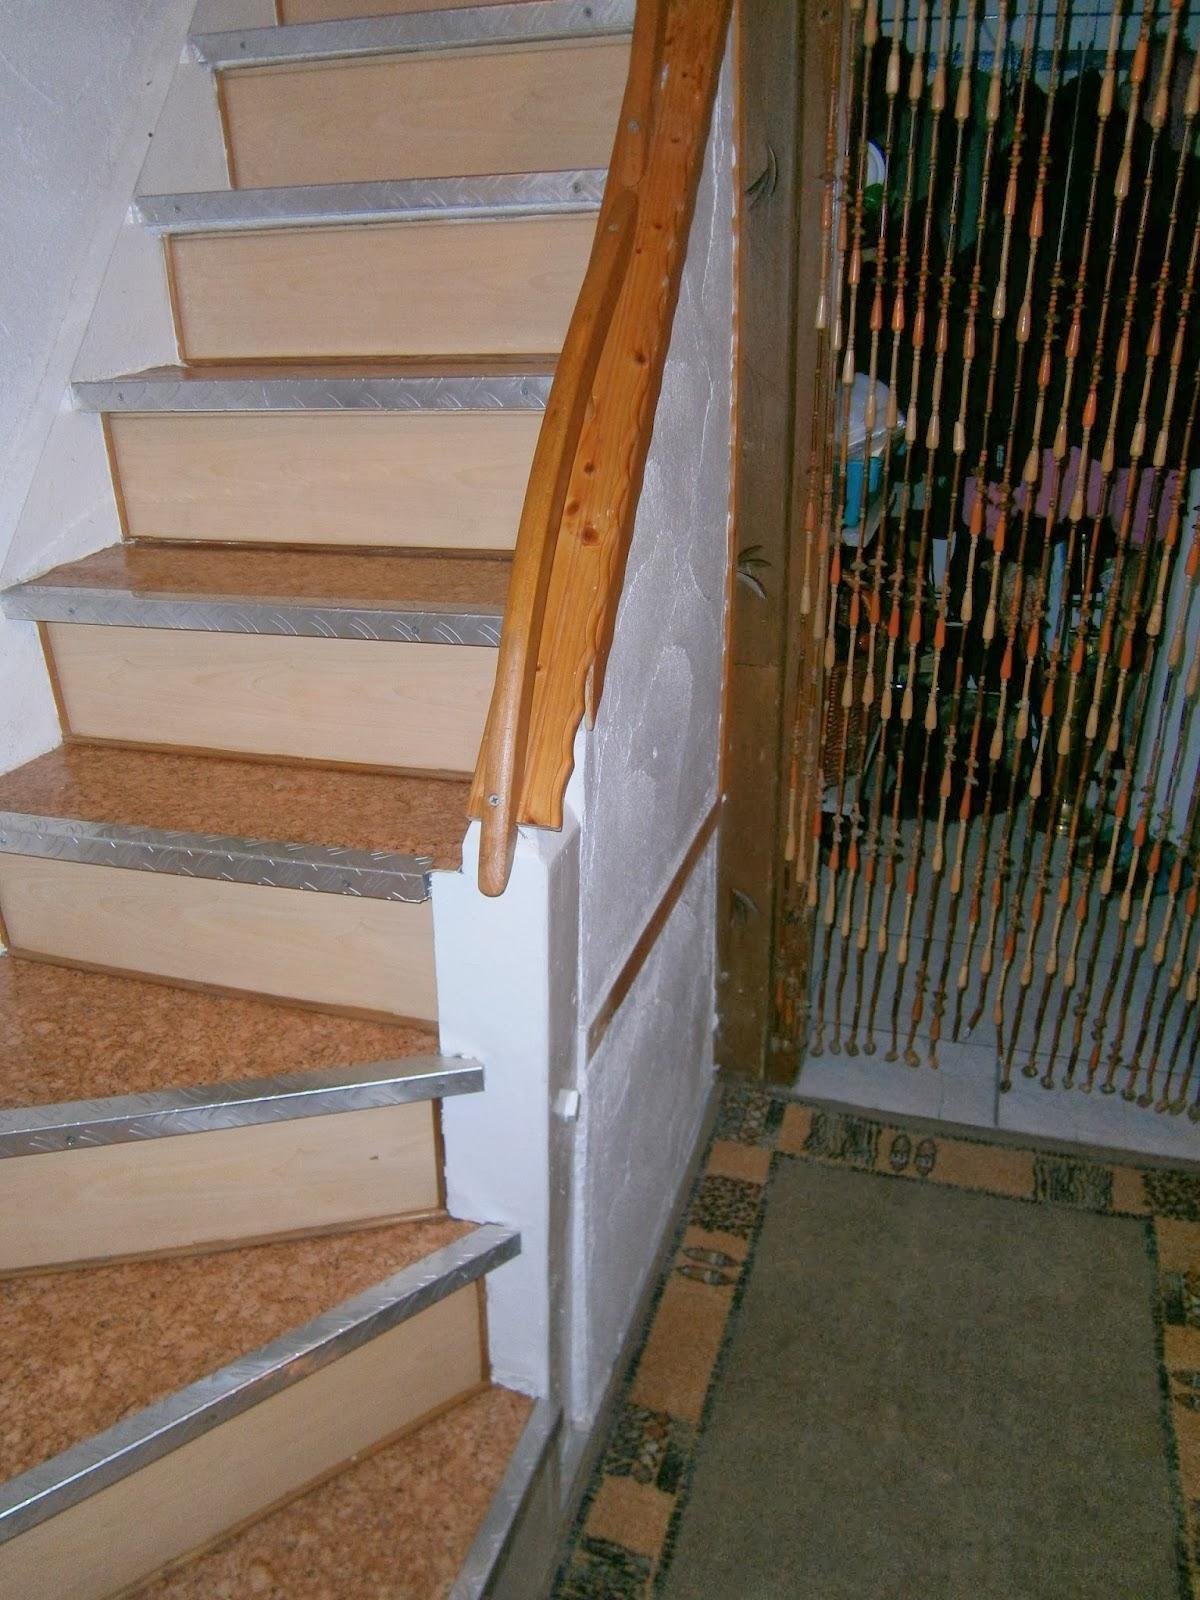 Treppe vor der Renovierung - aus unterschiedlichen Materialien bestehend